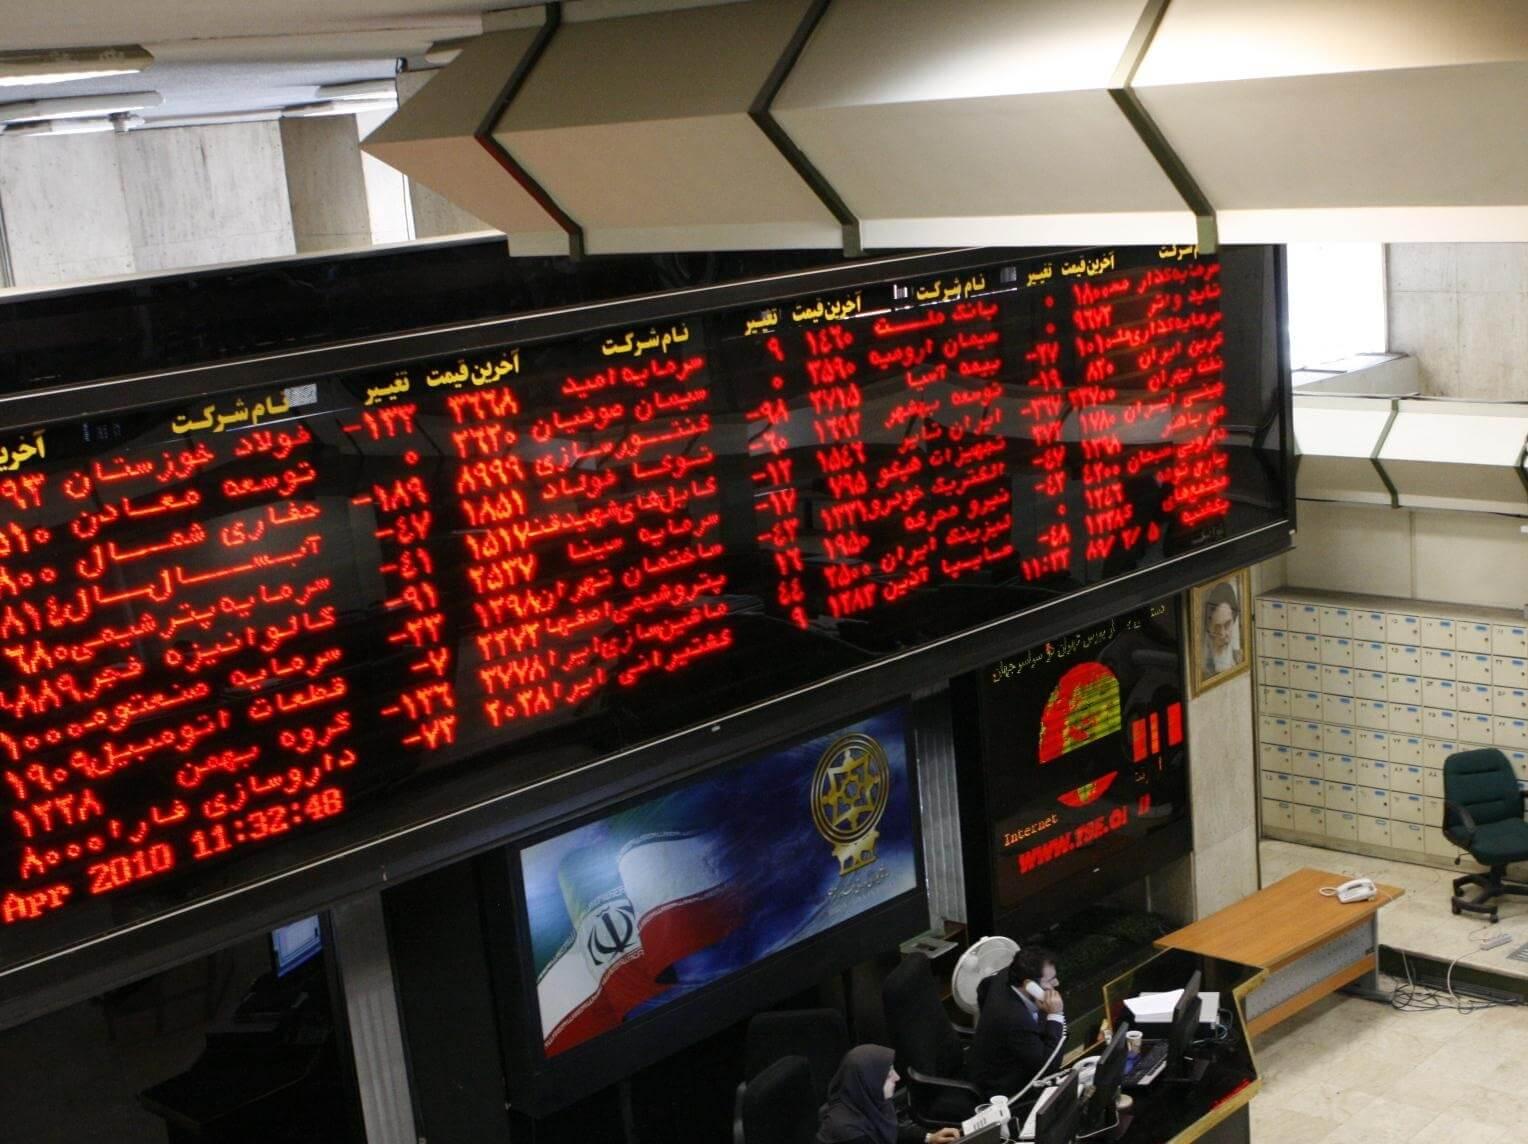 محرومیت سهامداران از حق قانونیشان